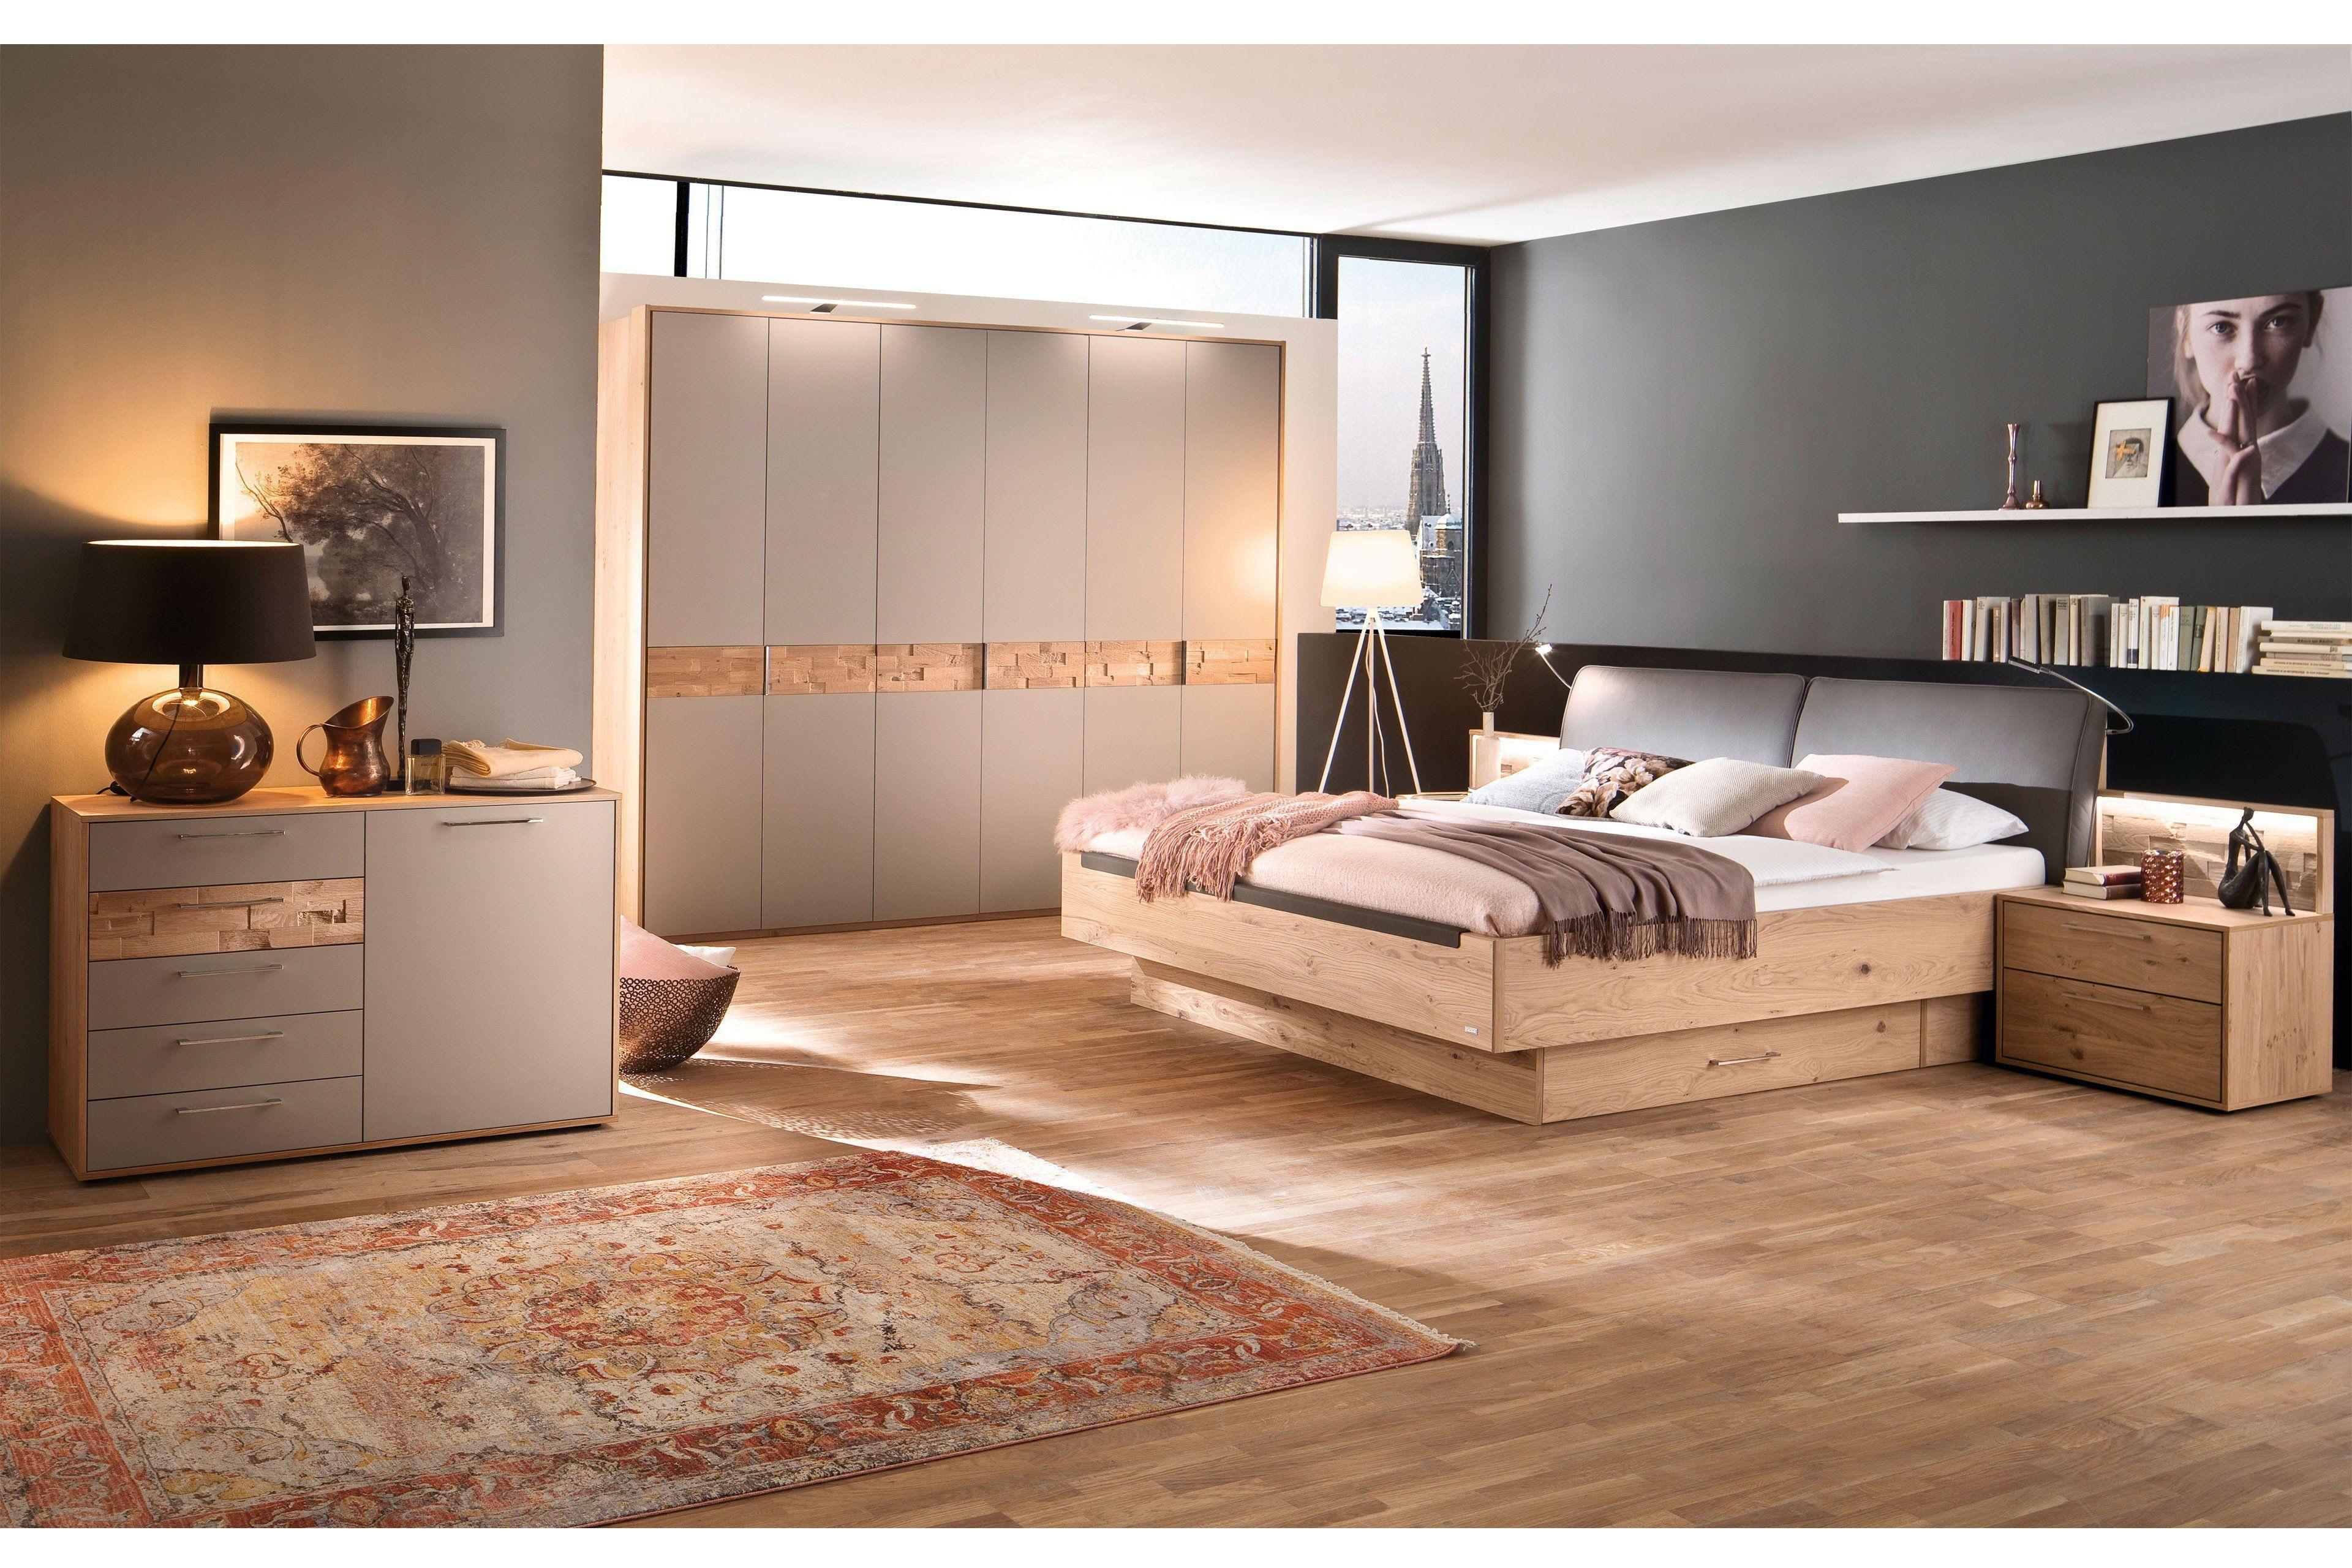 Schlafzimmer ideen in 9  Schlafzimmer, Zimmer, Haus